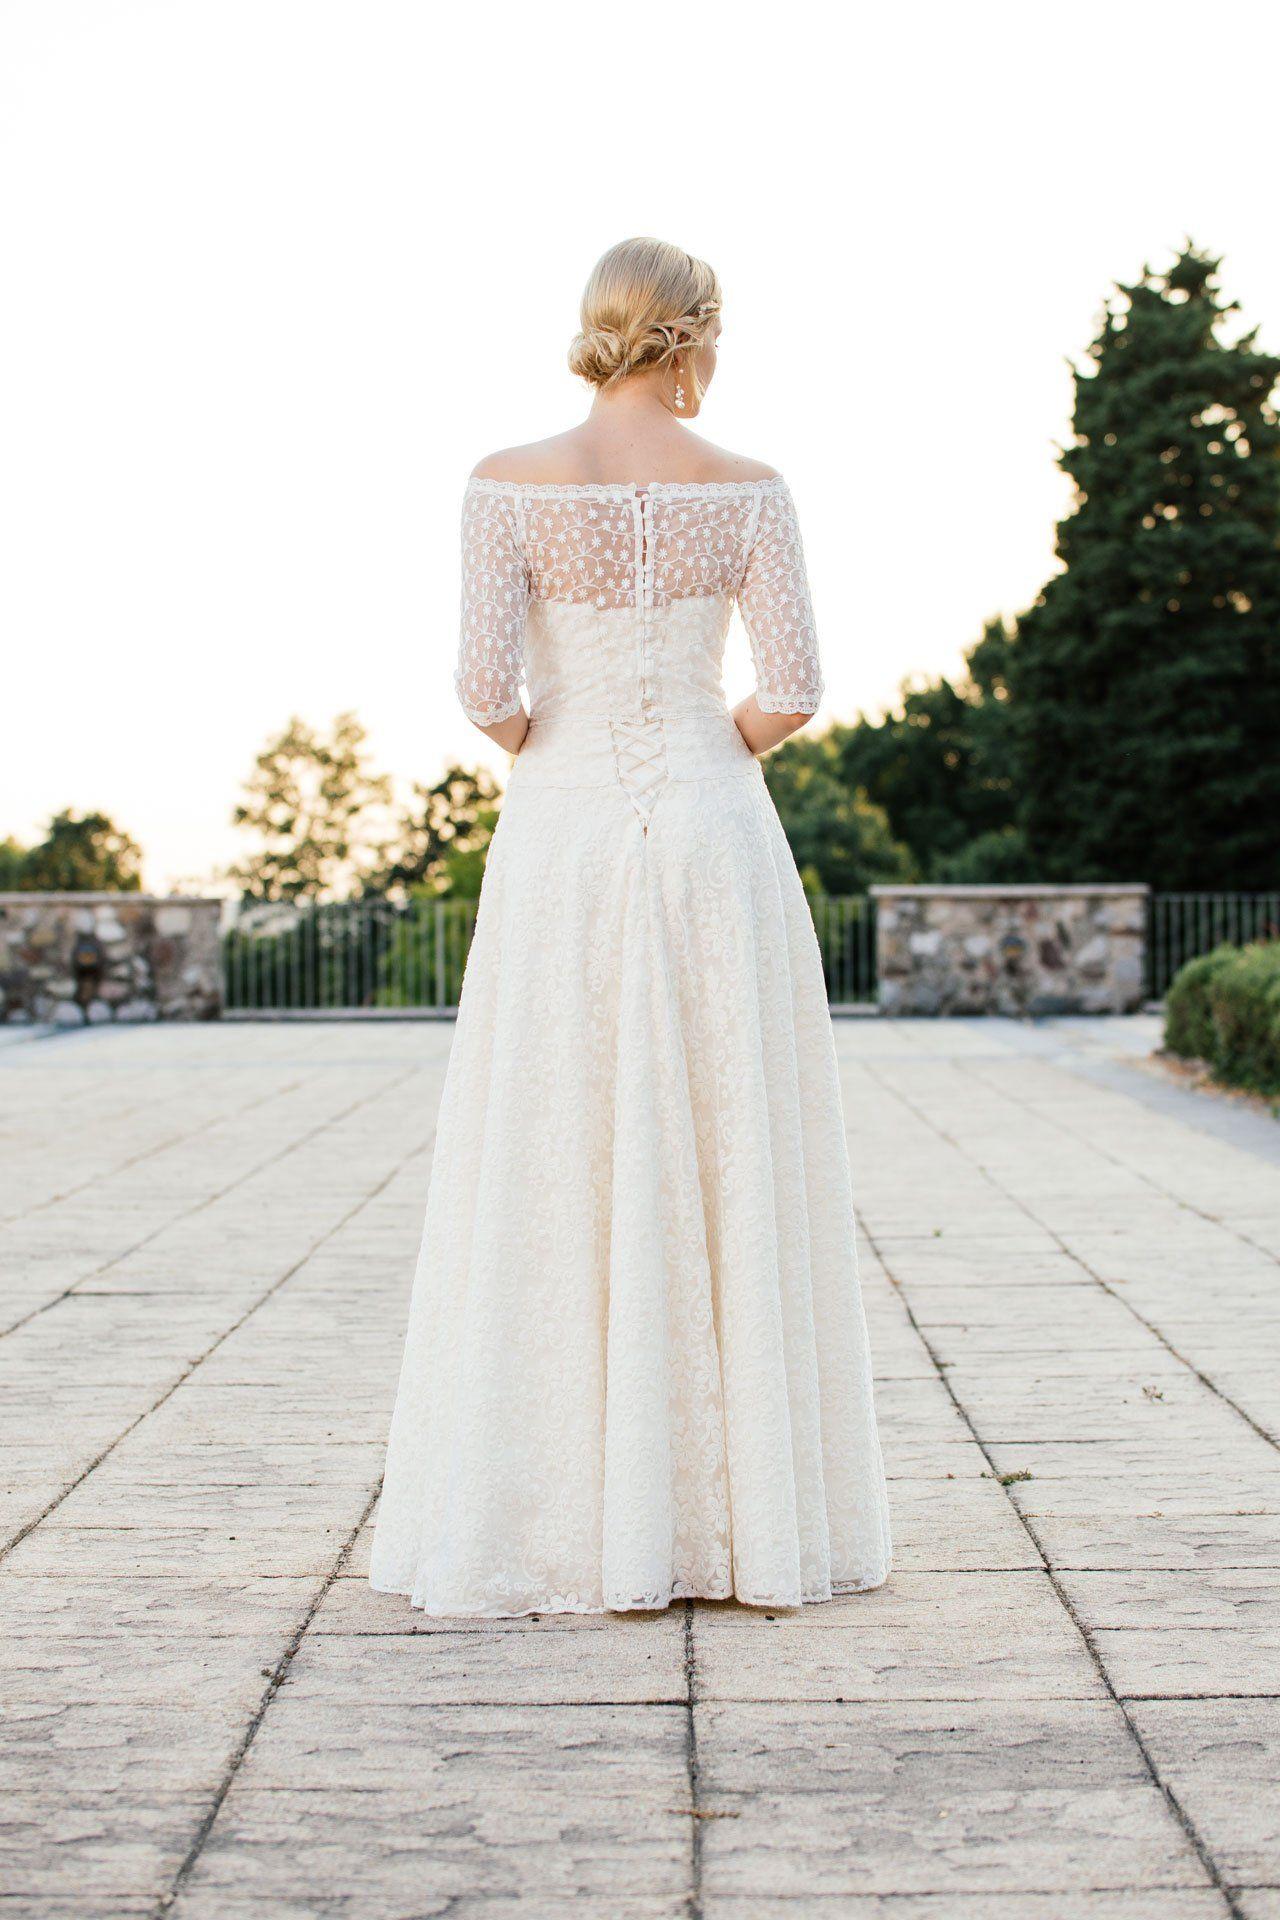 Brautkleid A-Linie mit Spitzenmix in edlem Vintage Stil. Tilda ist